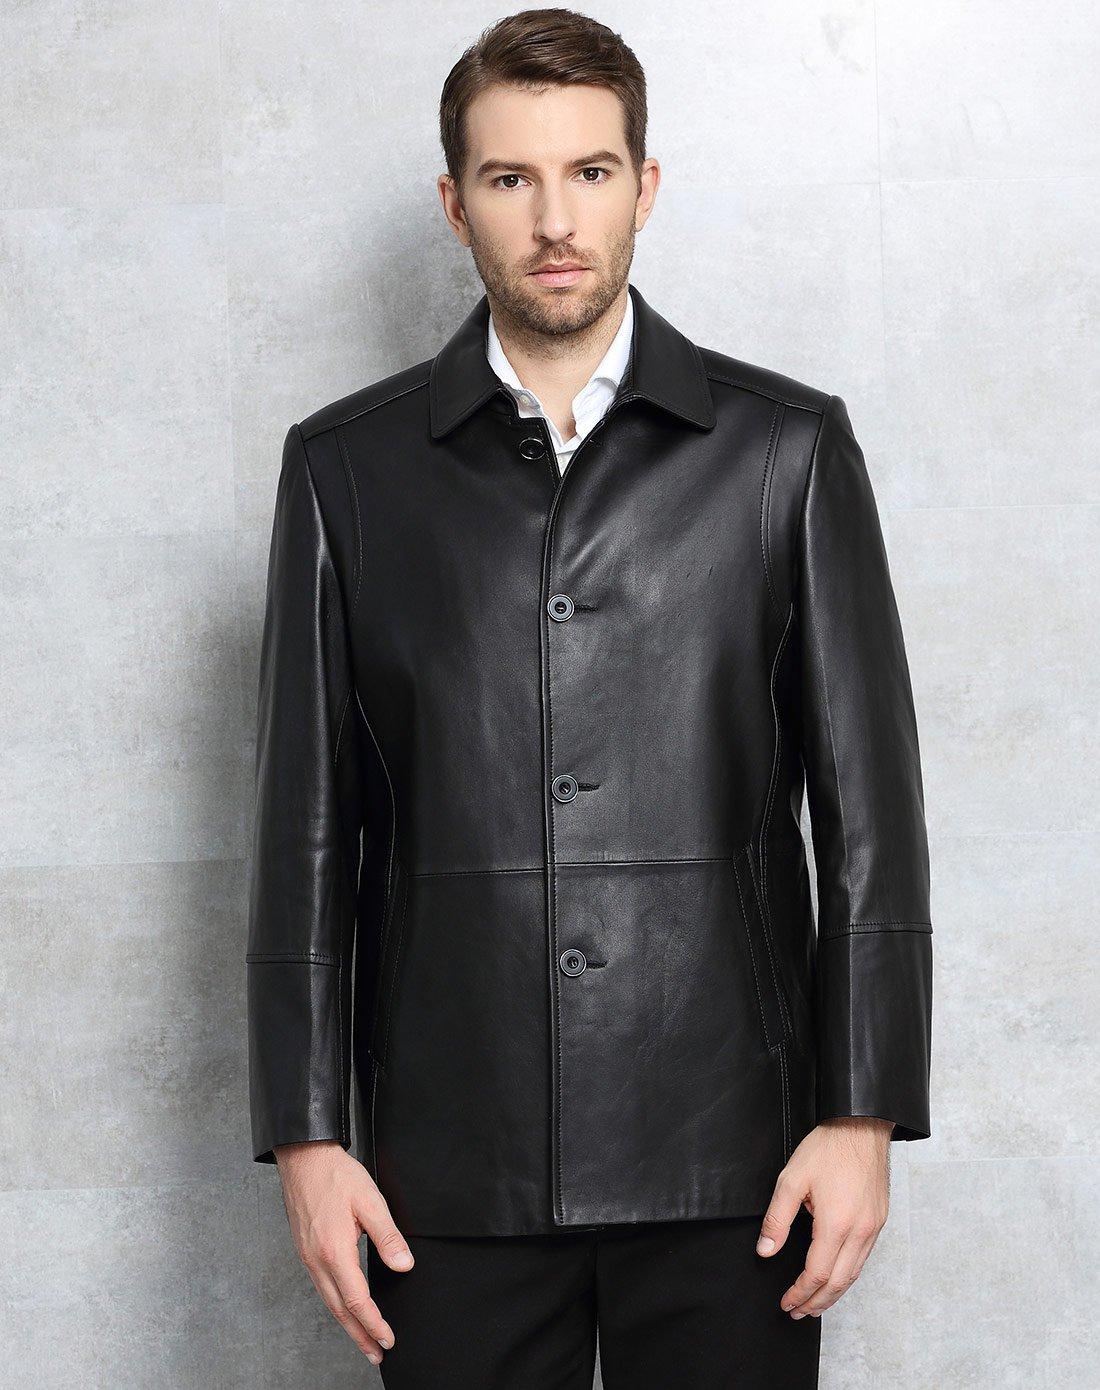 男装外套欹o#_男装绵羊皮翻领时尚休闲外套